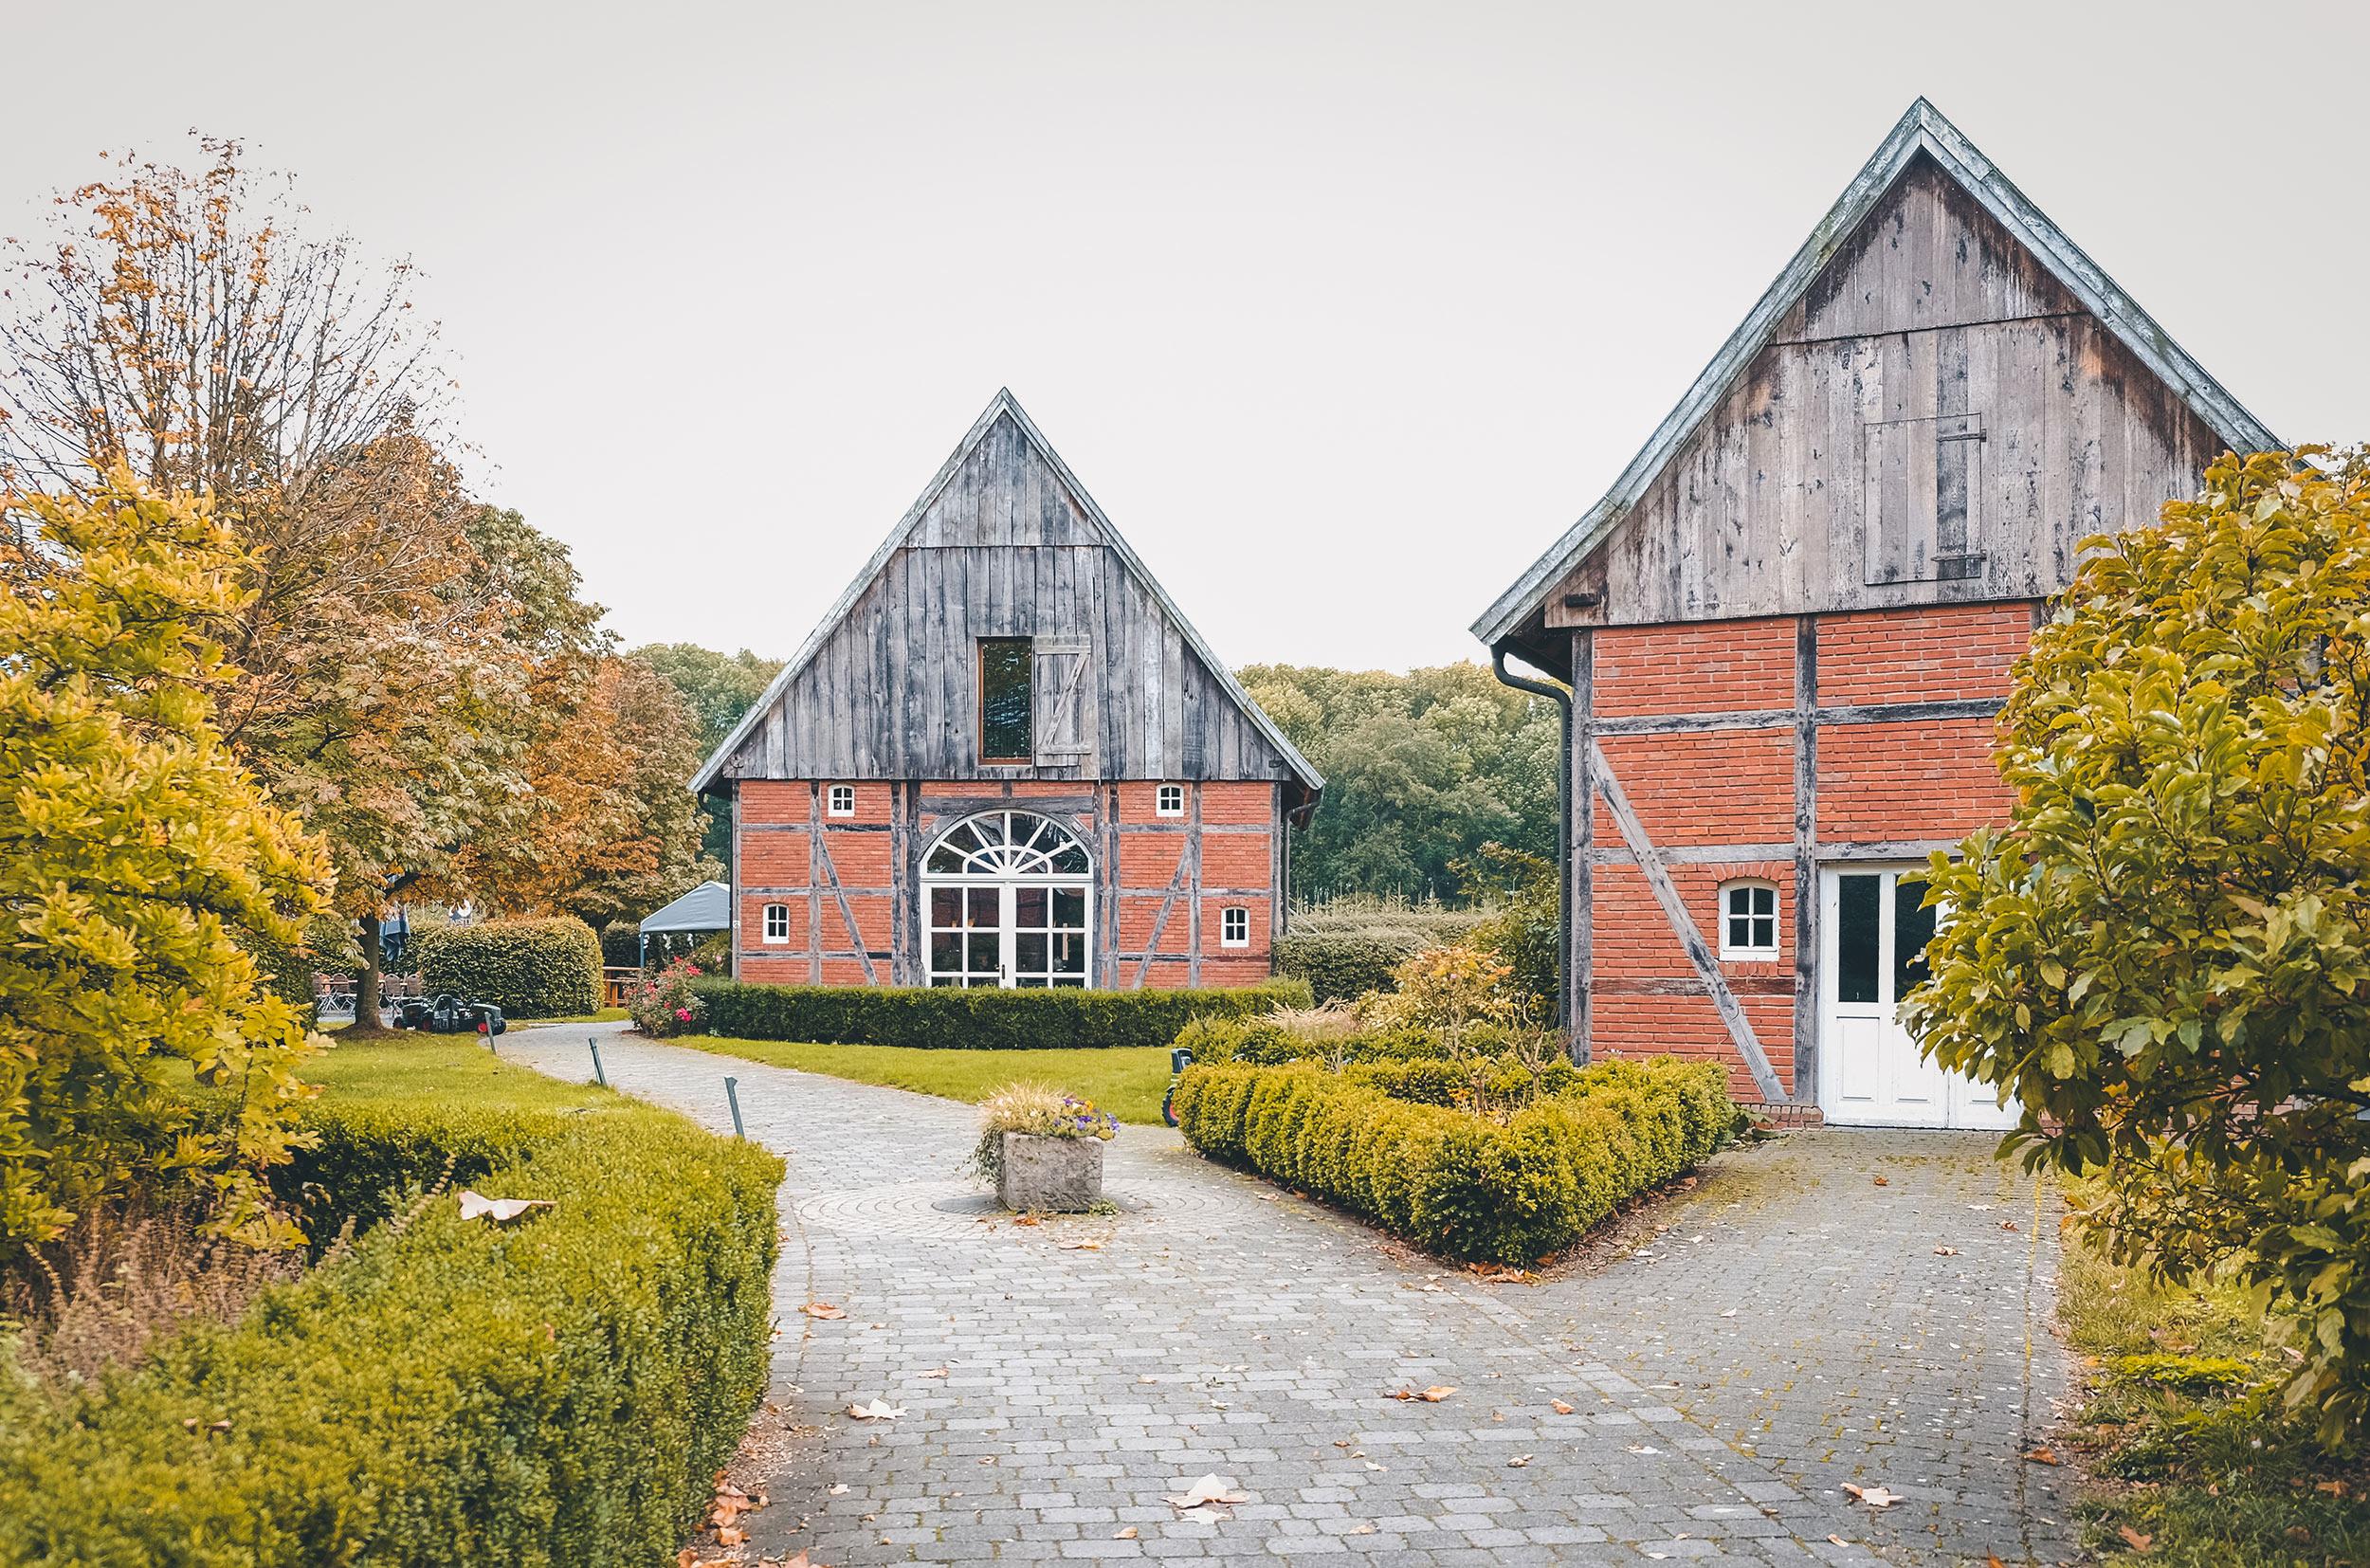 Fachwerkhäuser beim Hof Schulze Rötering